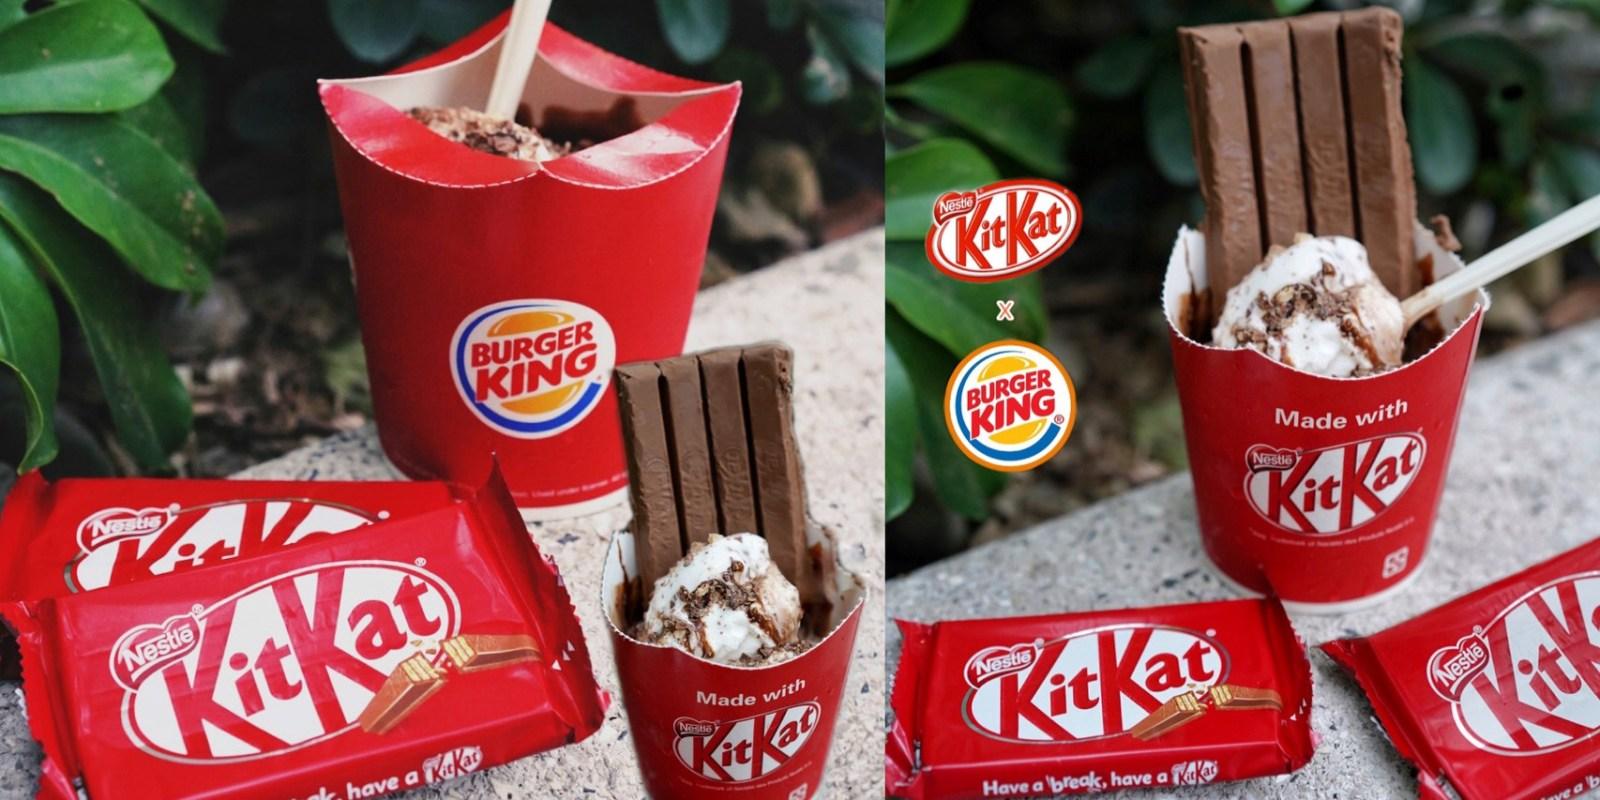 漢堡王推出了期間限定『KitKat巧克力聖代』超強聯名不吃一下怎麼行?巧克力控在哪?